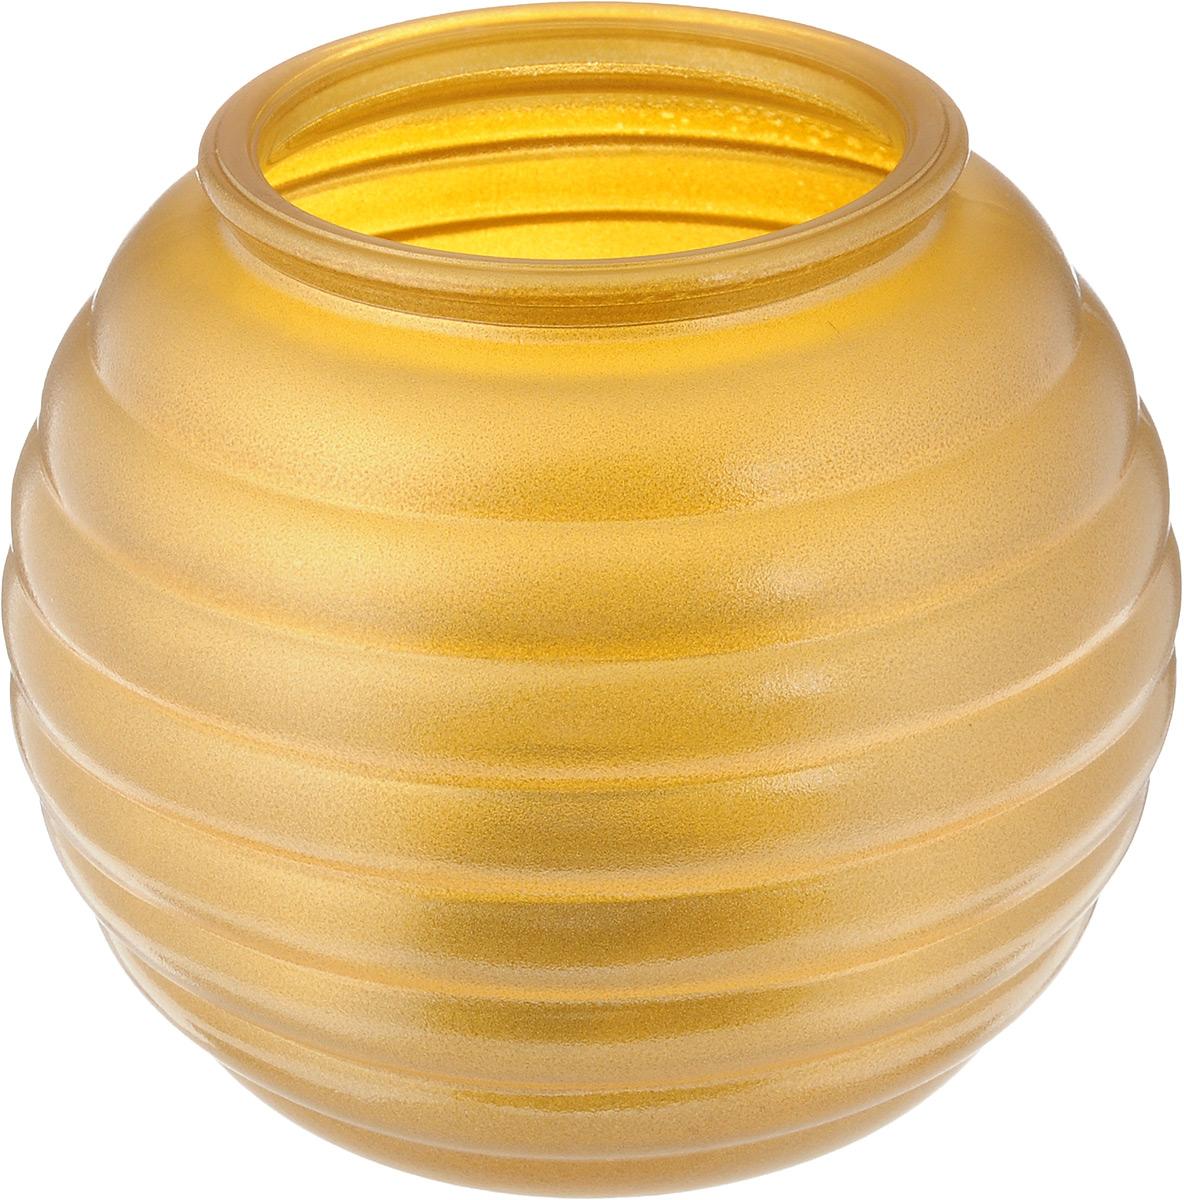 Ваза NiNaGlass Зара, цвет: золотистый, высота 13,3 см92-006 ЗОЛВаза NiNaGlass Зара выполнена из высококачественного стекла и оформлена изящным рельефом. Такая ваза станет ярким украшением интерьера и прекрасным подарком к любому случаю. Высота вазы: 13,3 см. Диаметр вазы (по верхнему краю): 8 см.